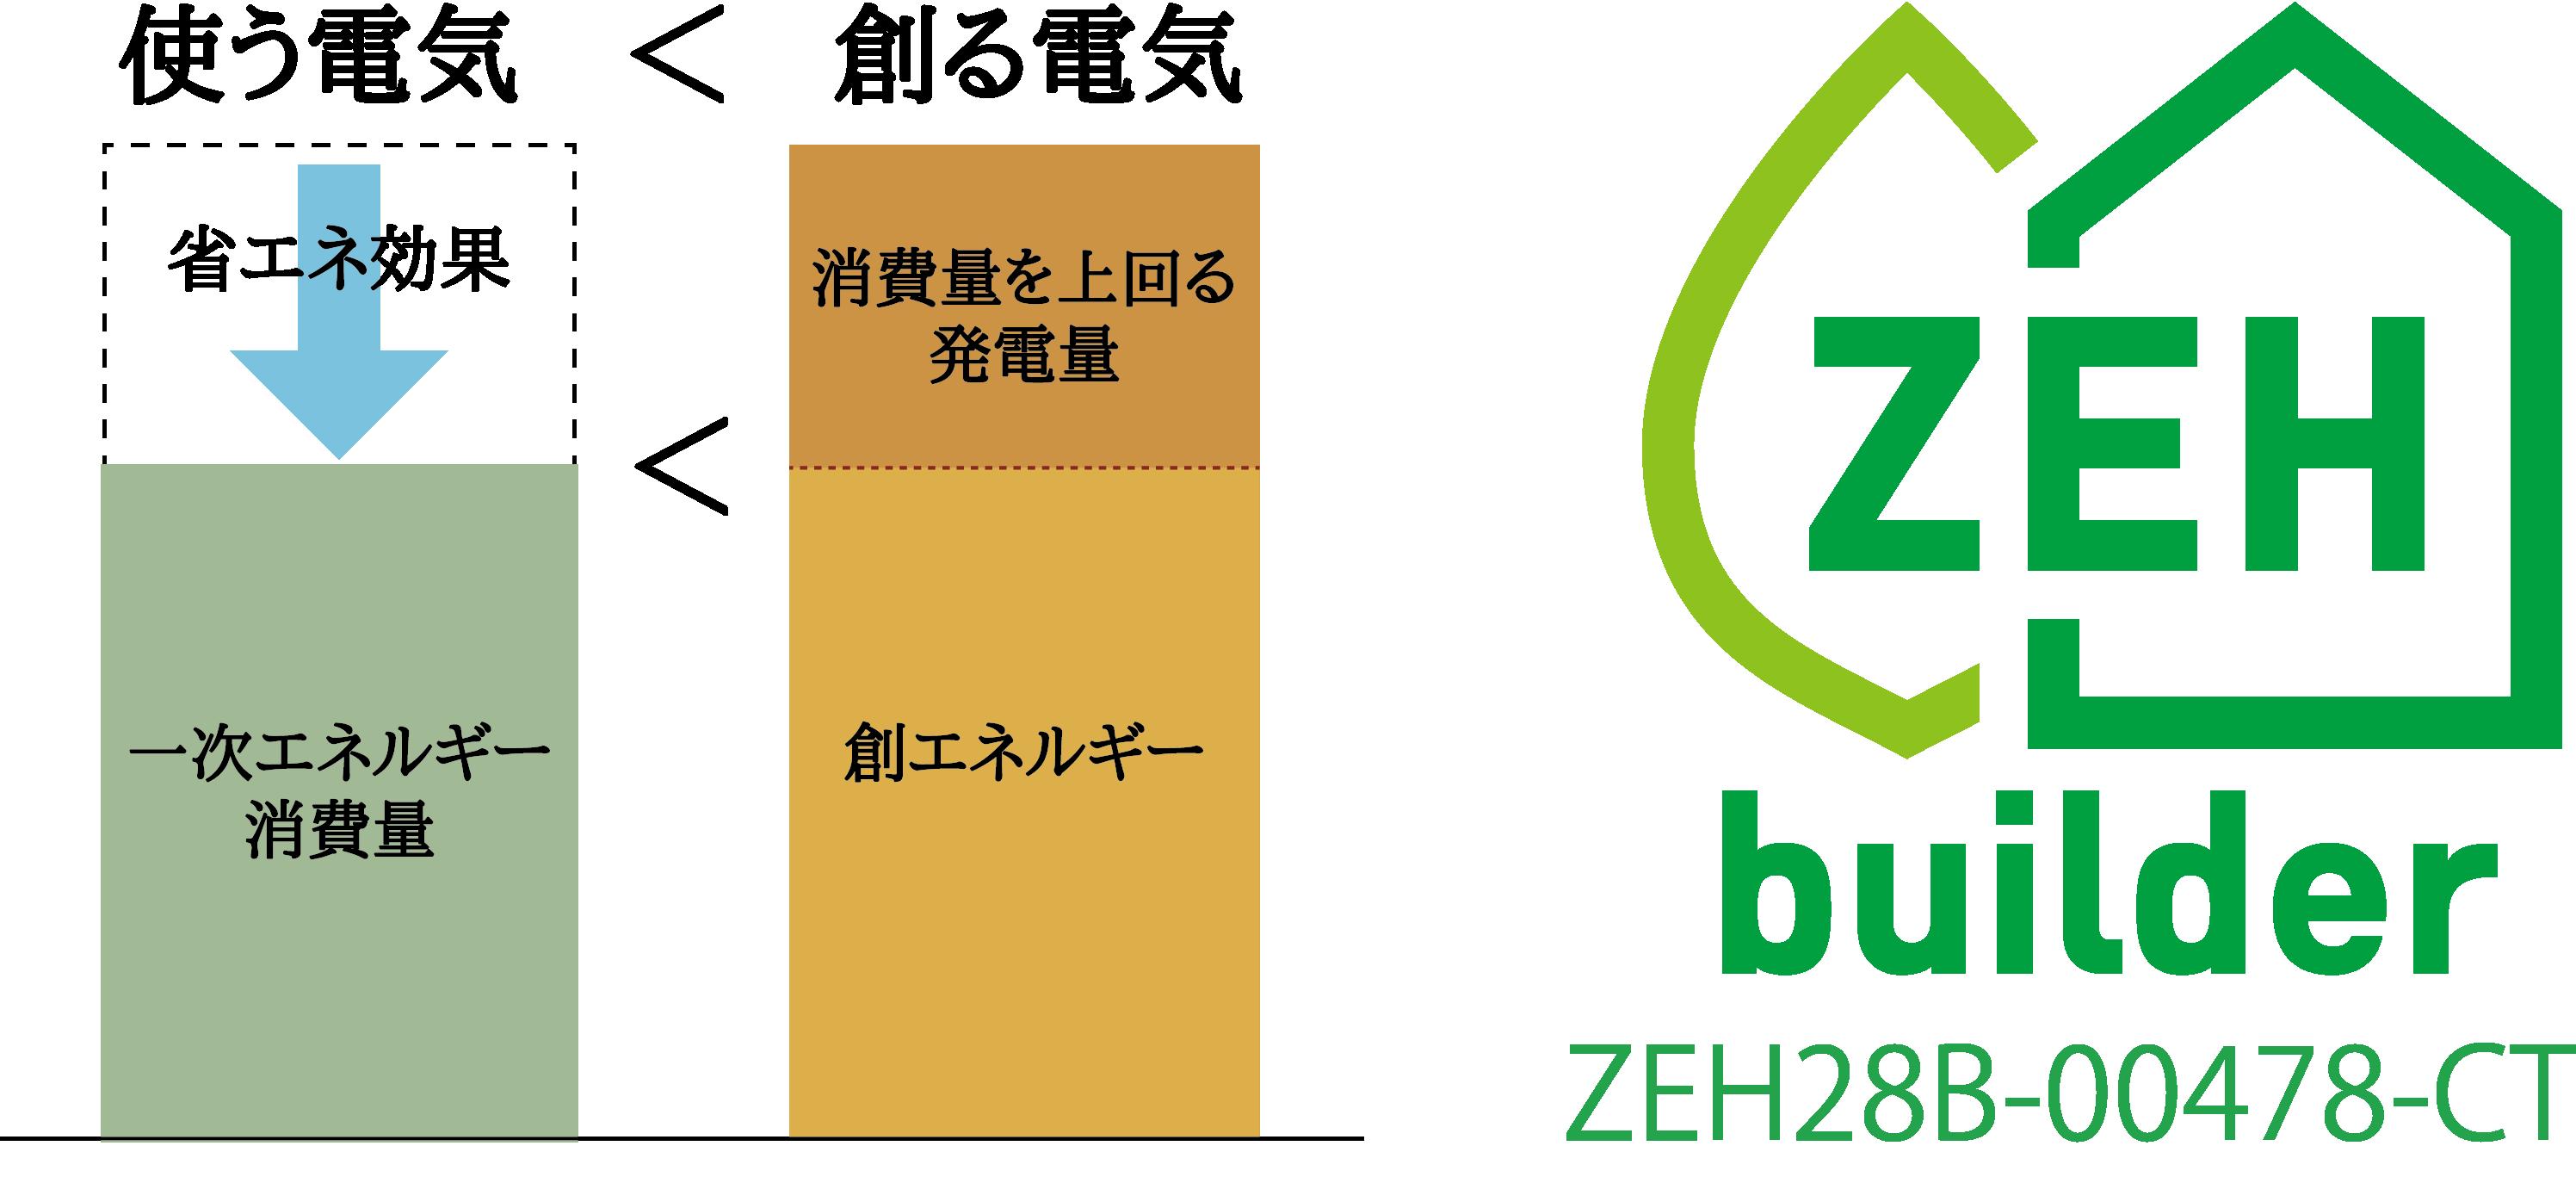 ZEH ネット・ゼロ・エネルギー・ハウス